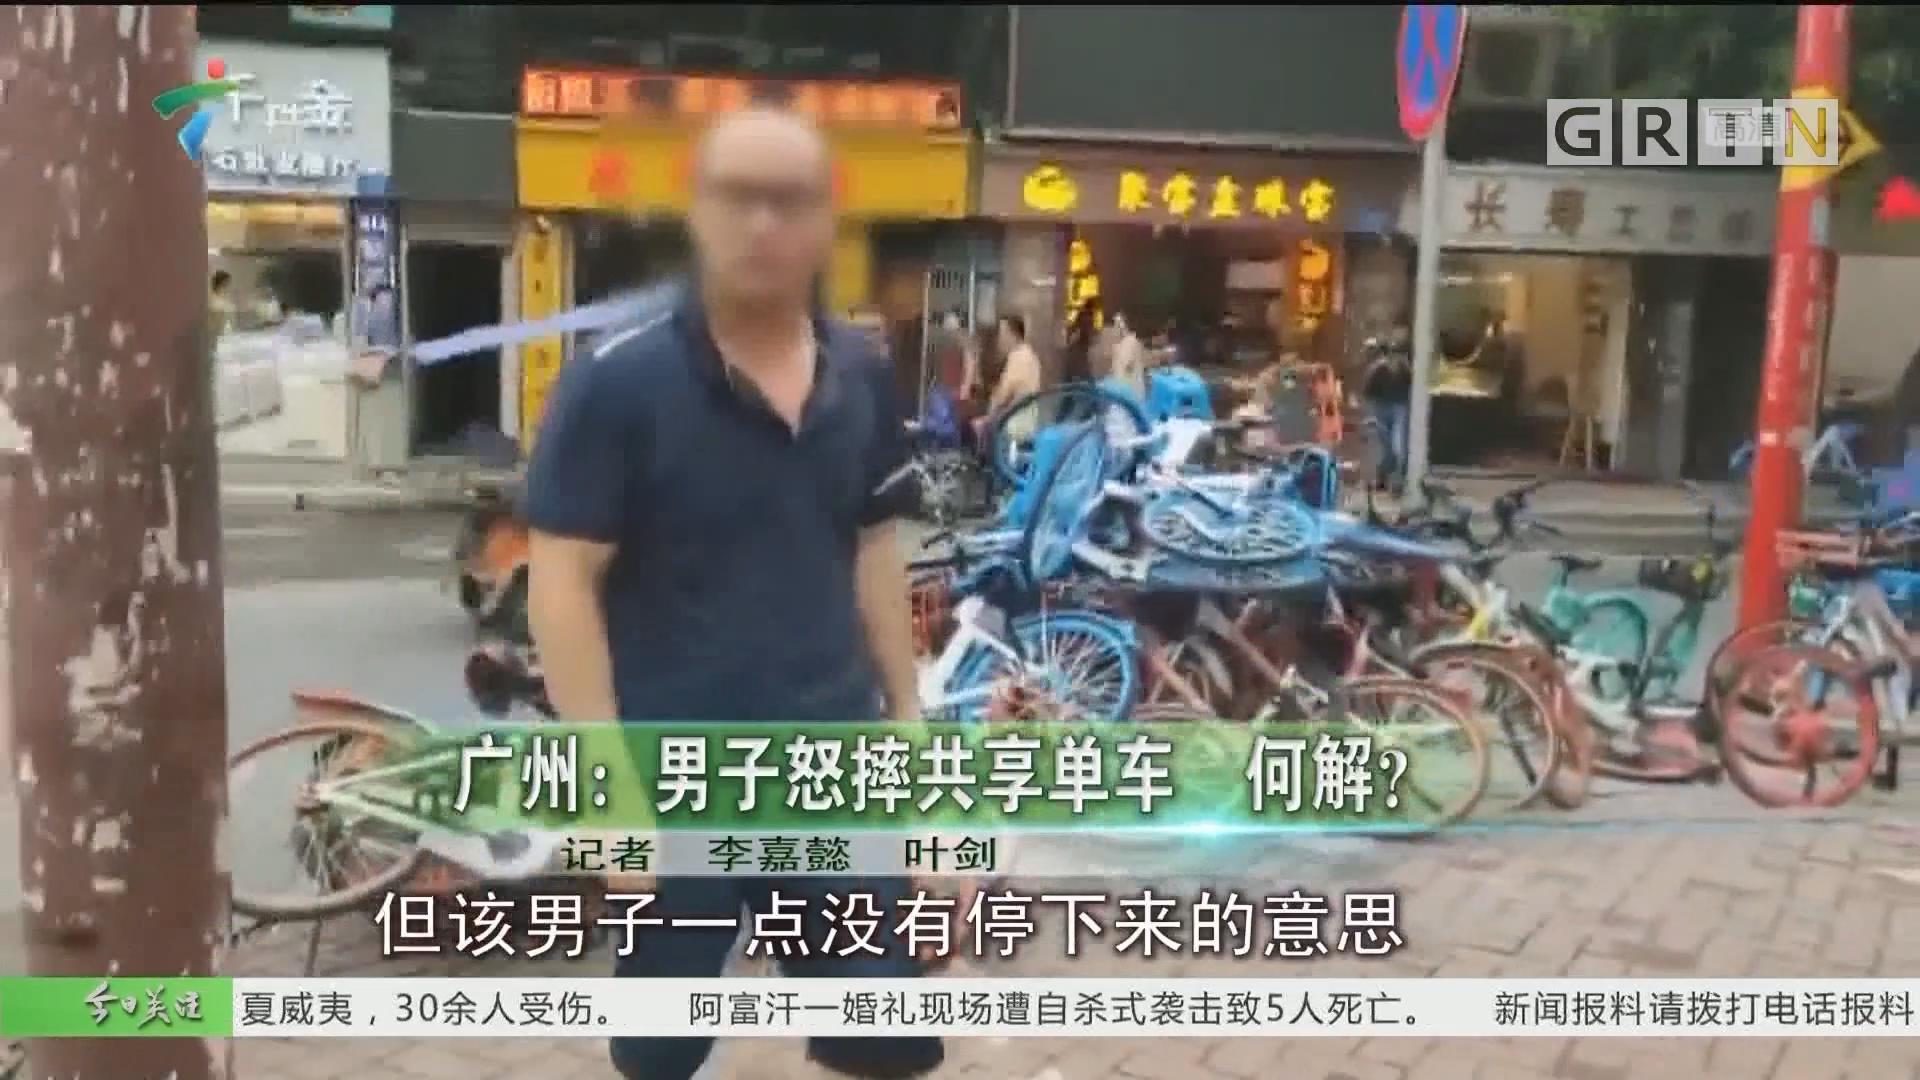 广州:男子怒摔共享单车 何解?